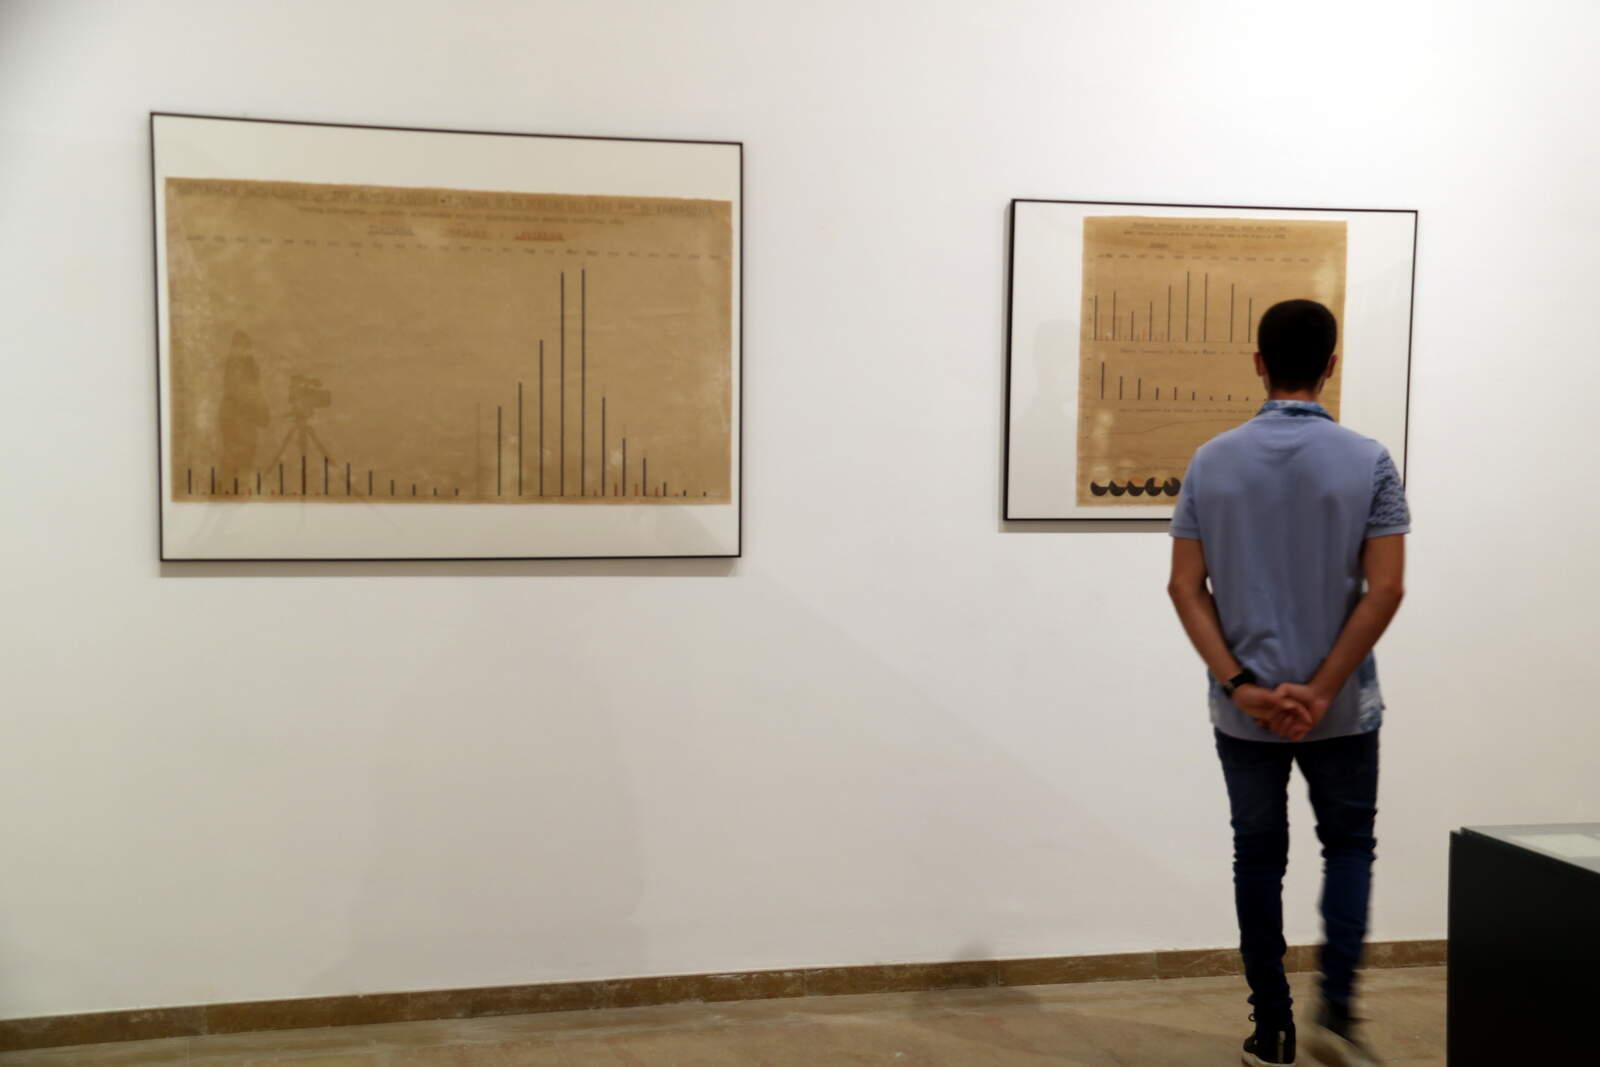 Un visitant revisant els gràfics sobre l'afectació del paludisme al Delta del doctor Canicio en l'exposició del Museu de les Terres de l'Ebre d'Amposta